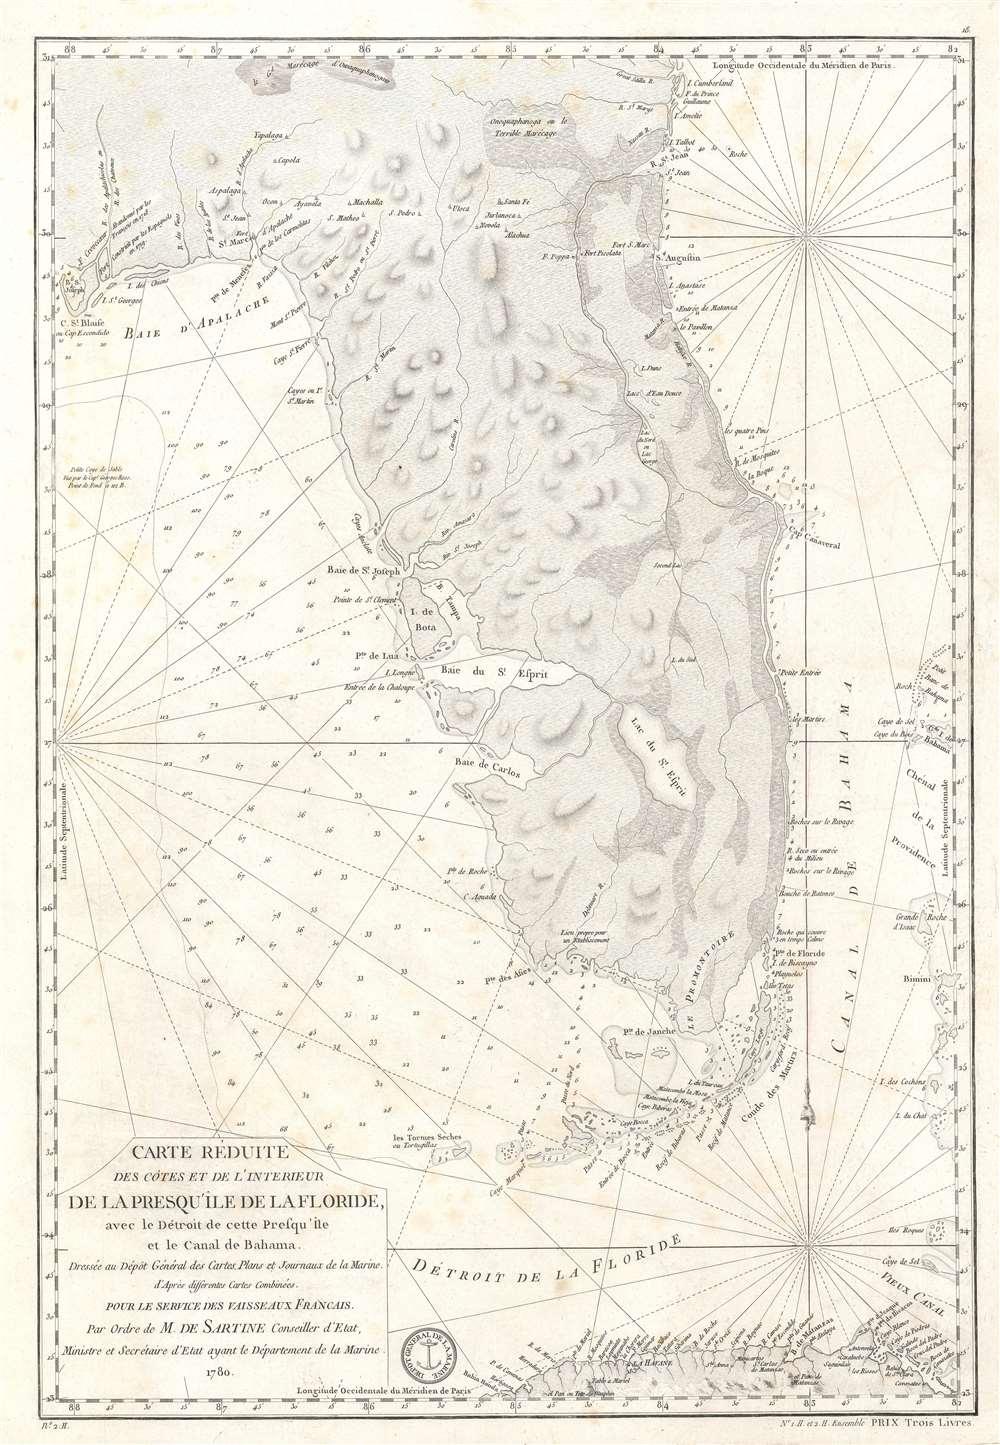 Carte Réduite des Côtes et de l'Interieur de la Presqu'île de la Floride, avec le Détroit de cette Presqu'Île et le Canal de Bahama. - Main View